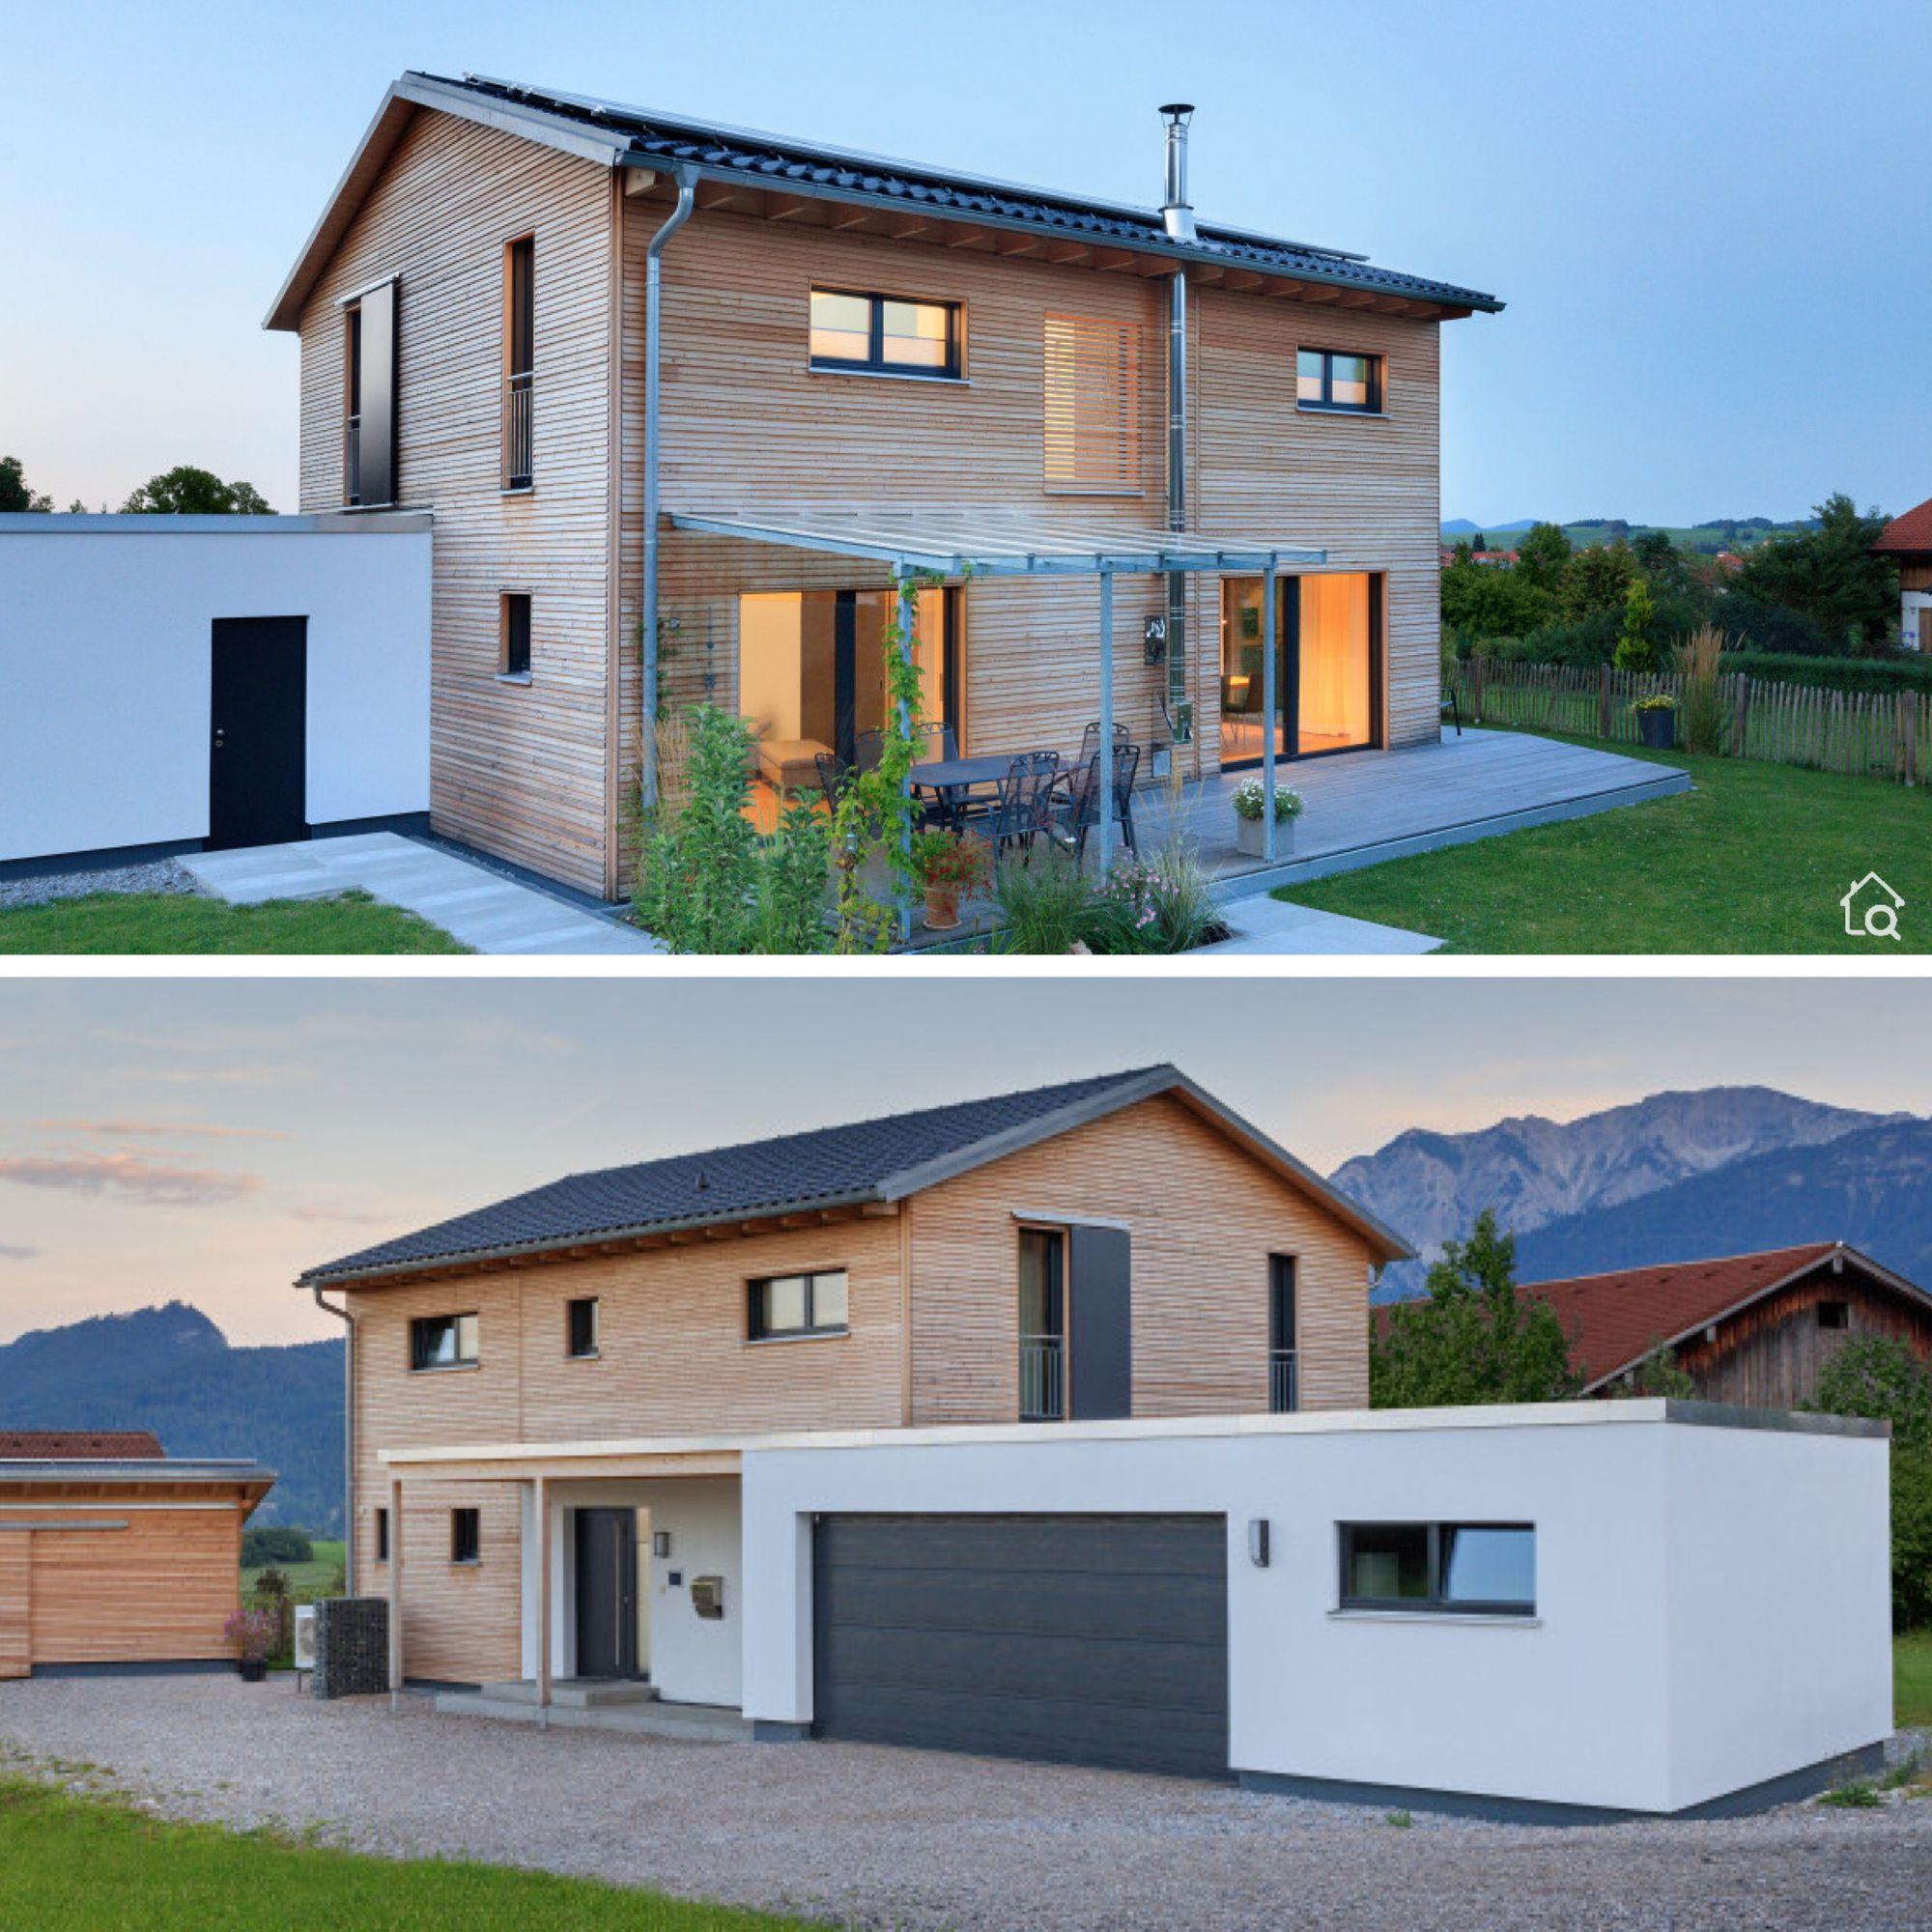 Modernes Haus Design mit Satteldach Garage & Holz Fassade bauen Einfamilienhaus Grundriss Ideen